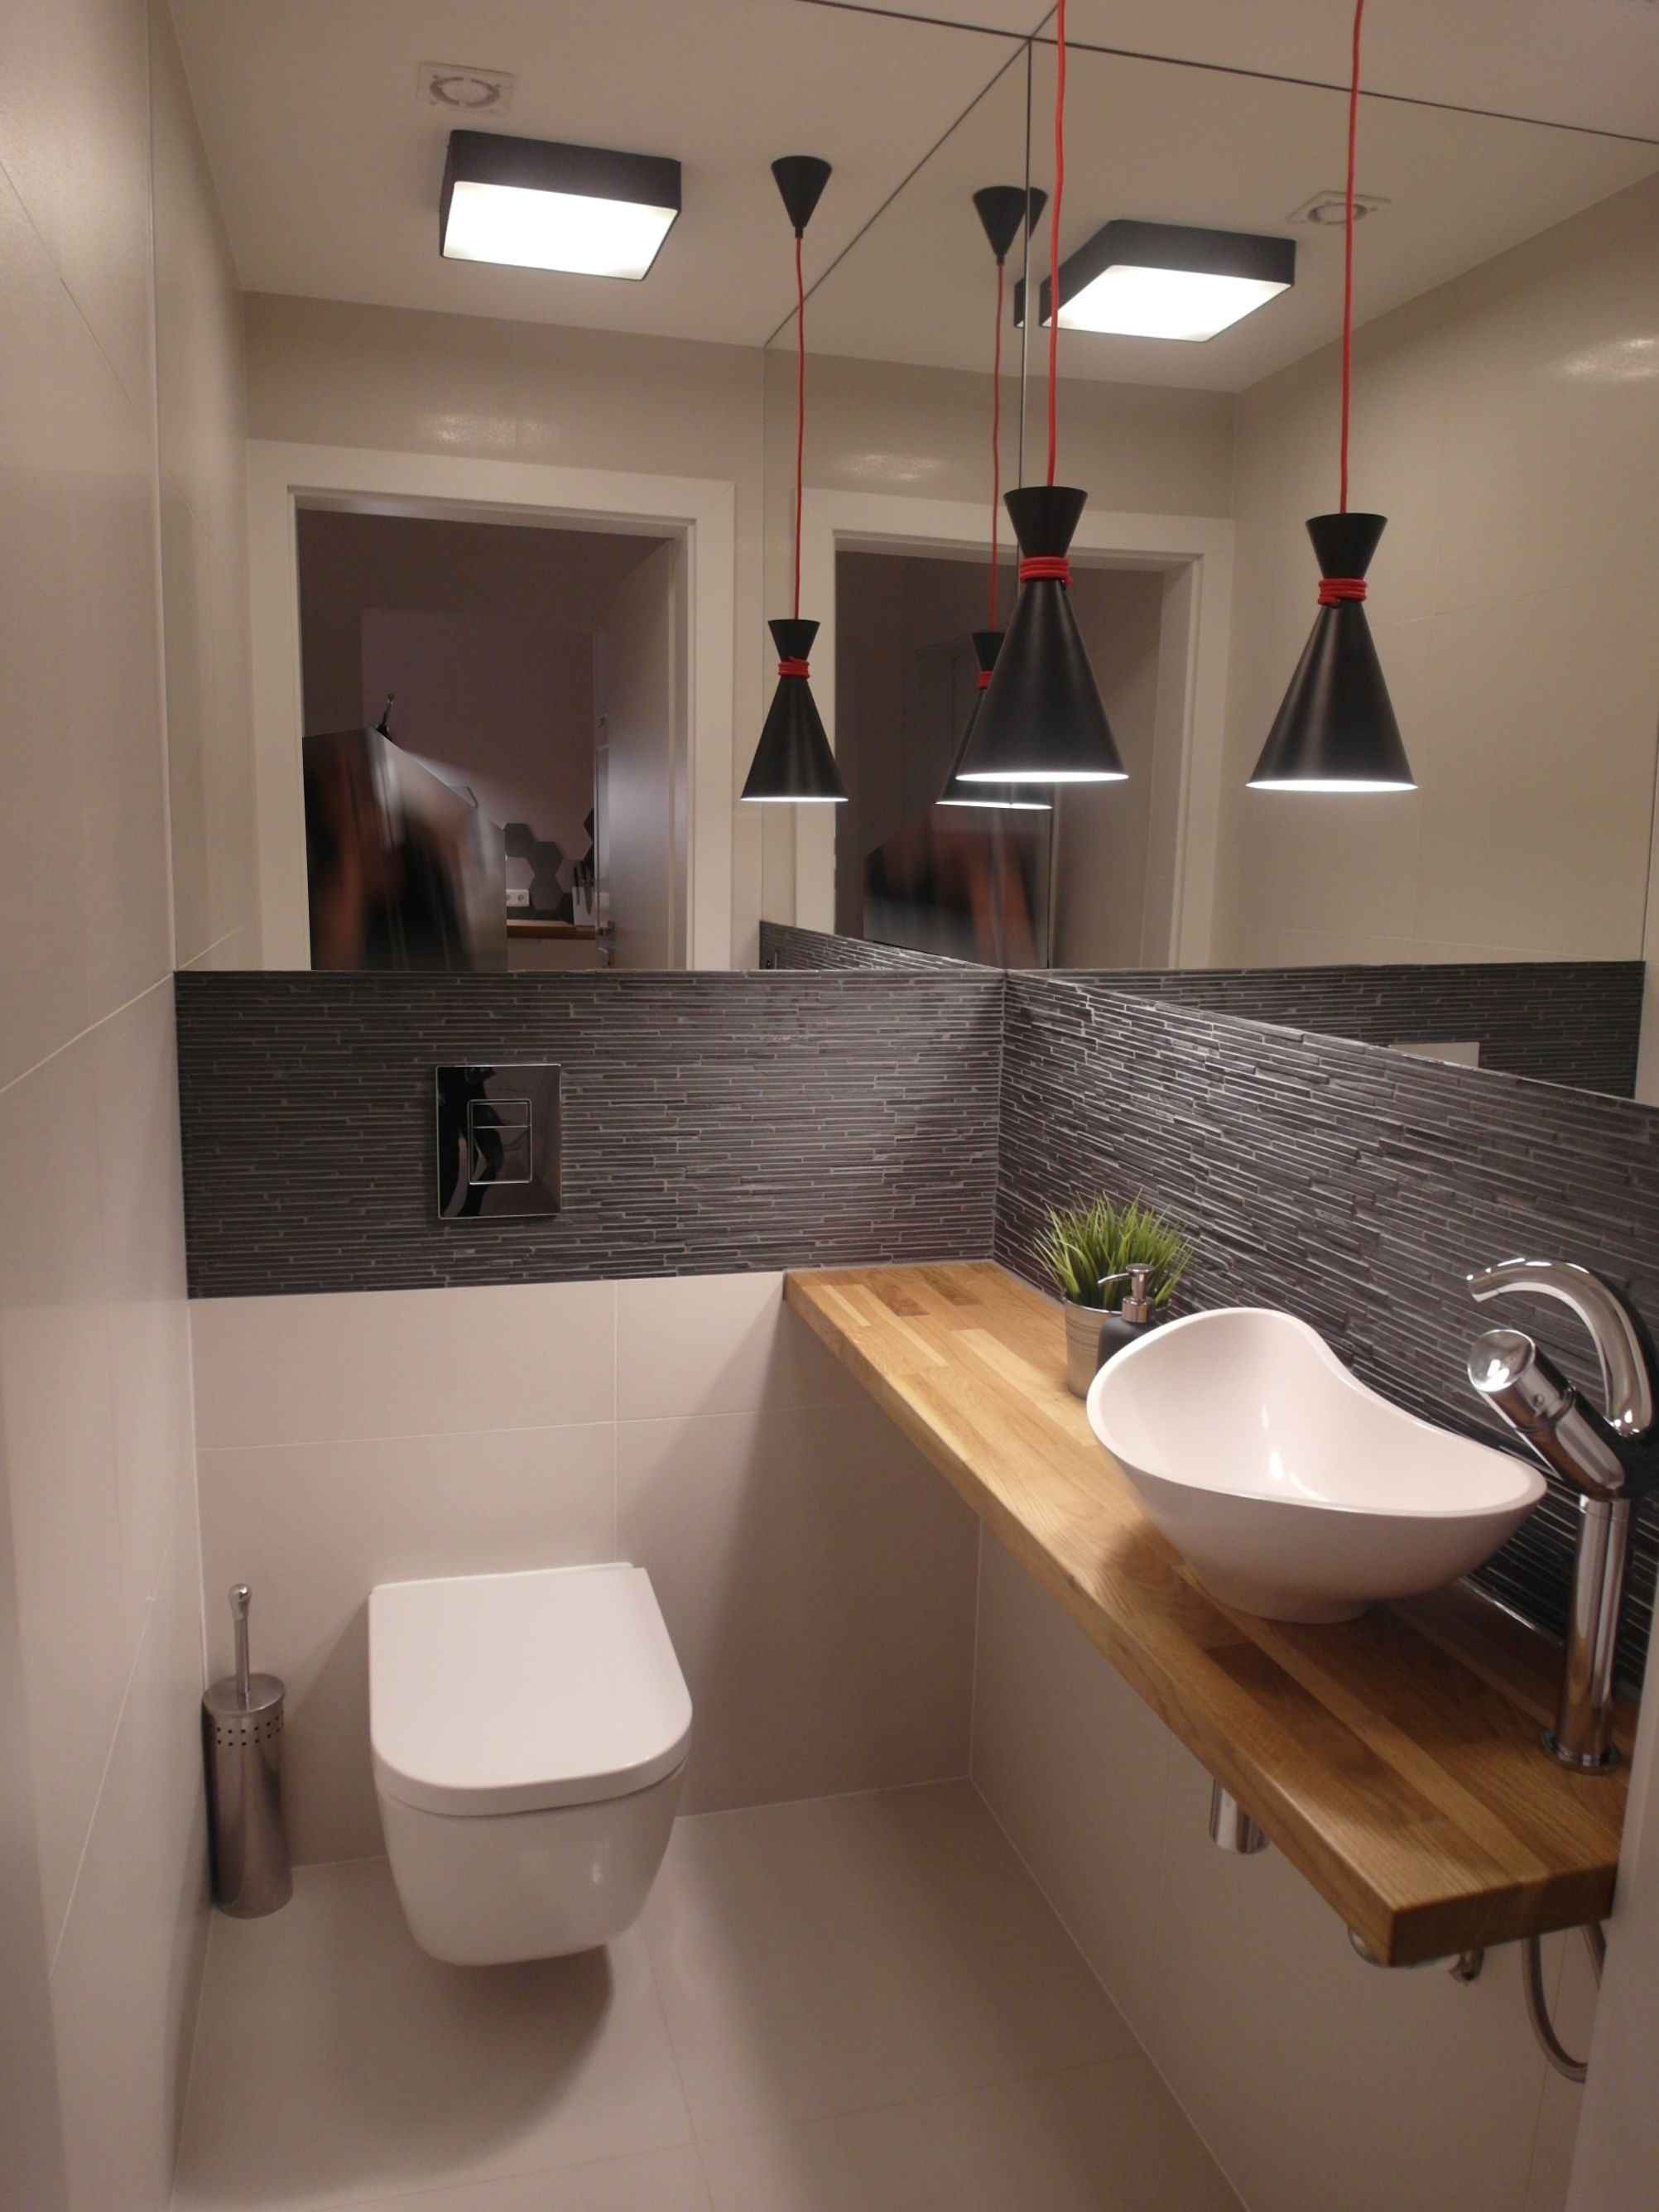 Bad Gste Toilette modern Wohnen Hausbau